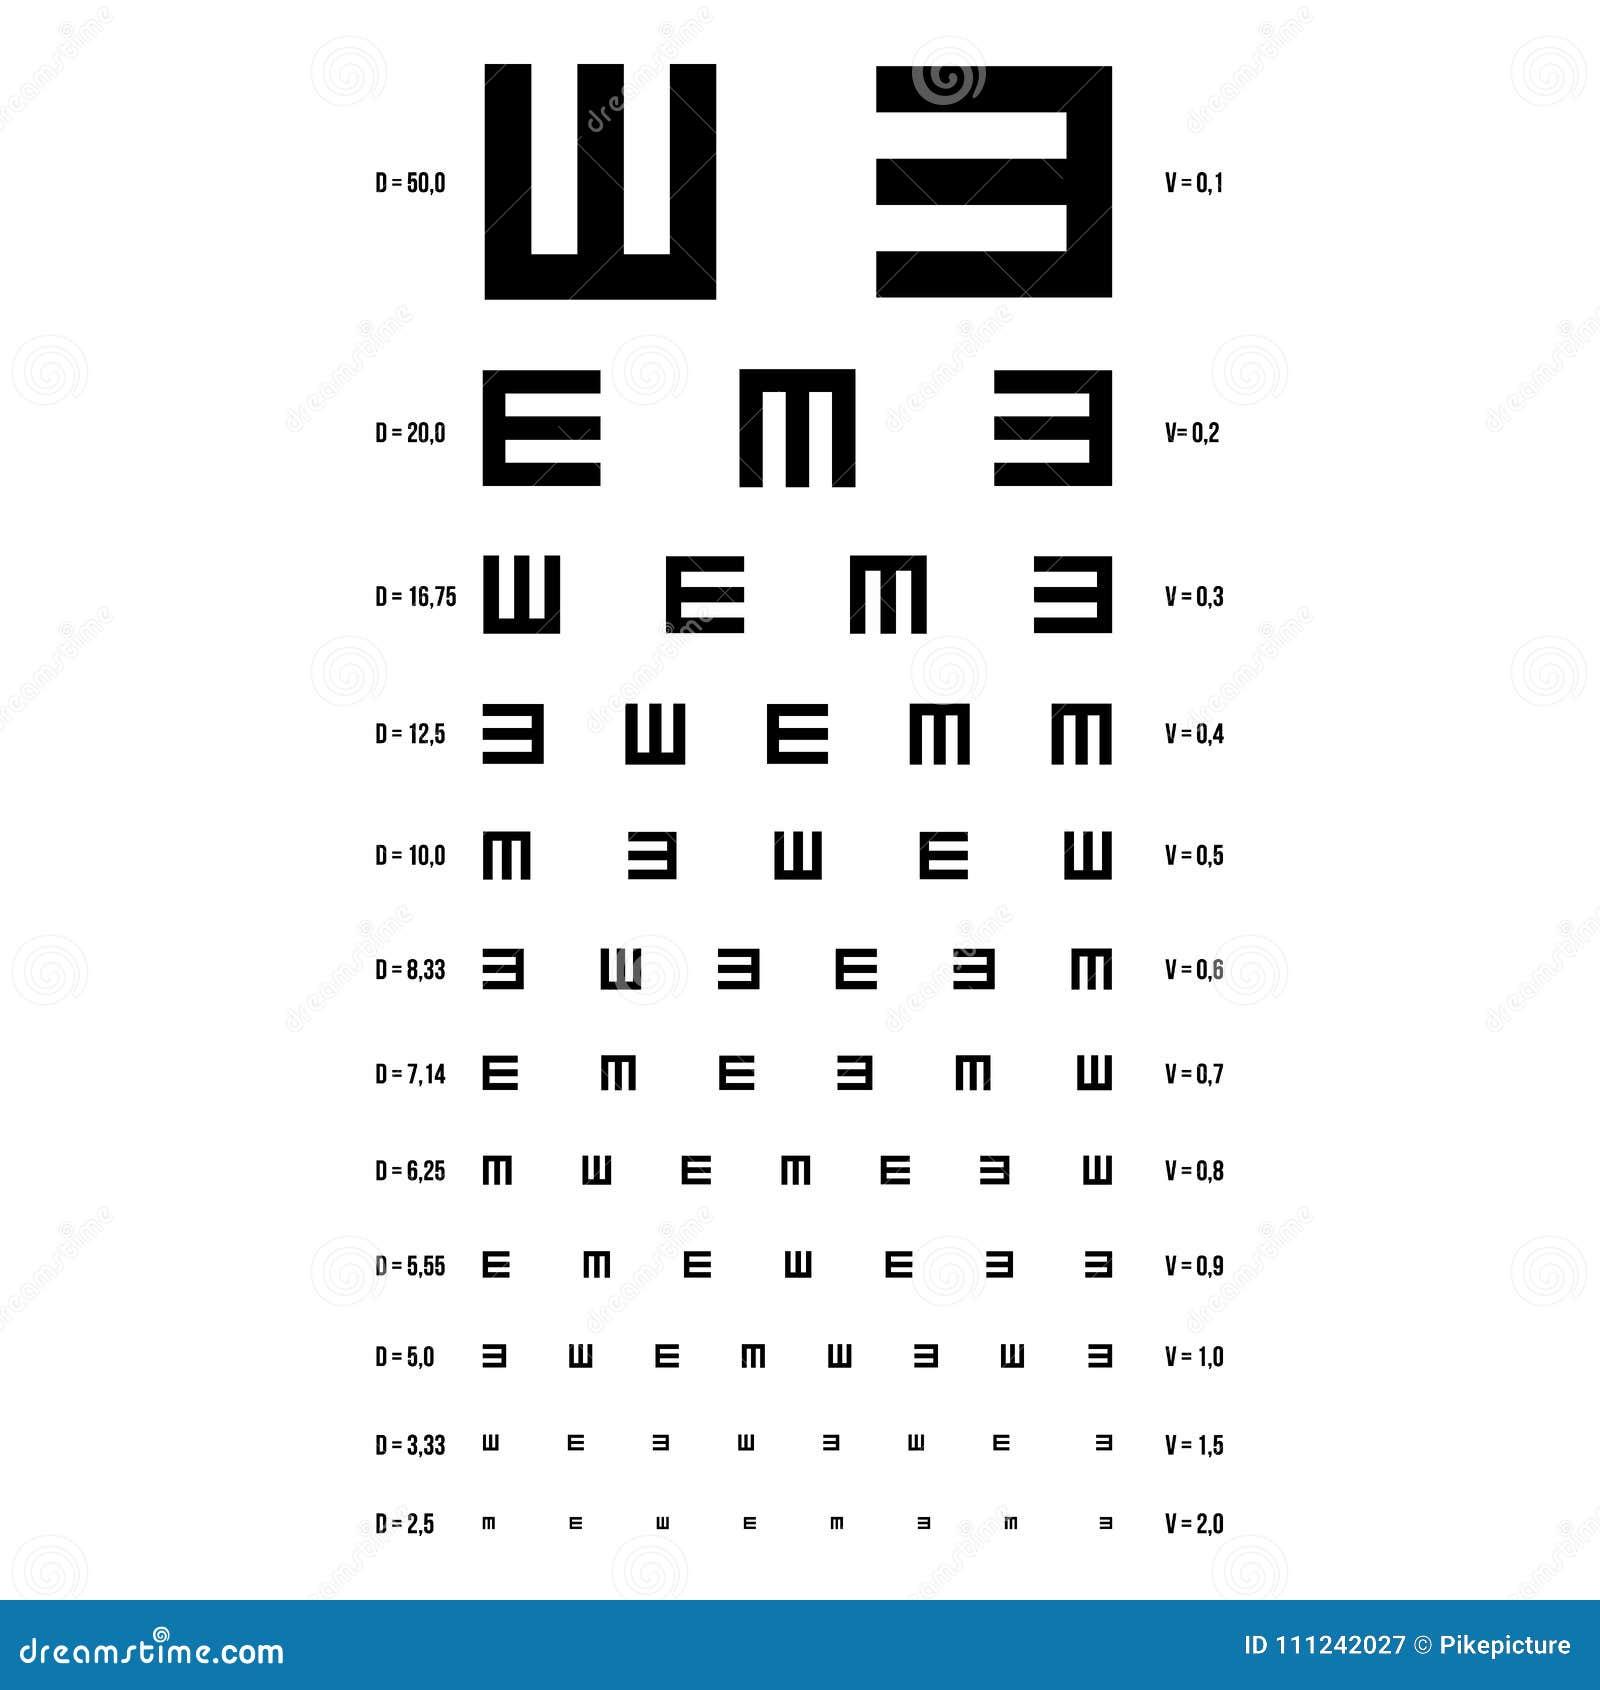 768278121a Vecteur de diagramme d'essai d'oeil Diagramme d'E Examen de vision  Optométriste Check Diagnostic médical d'oeil Vue, vue Table ophtalmique  pour l'examen ...